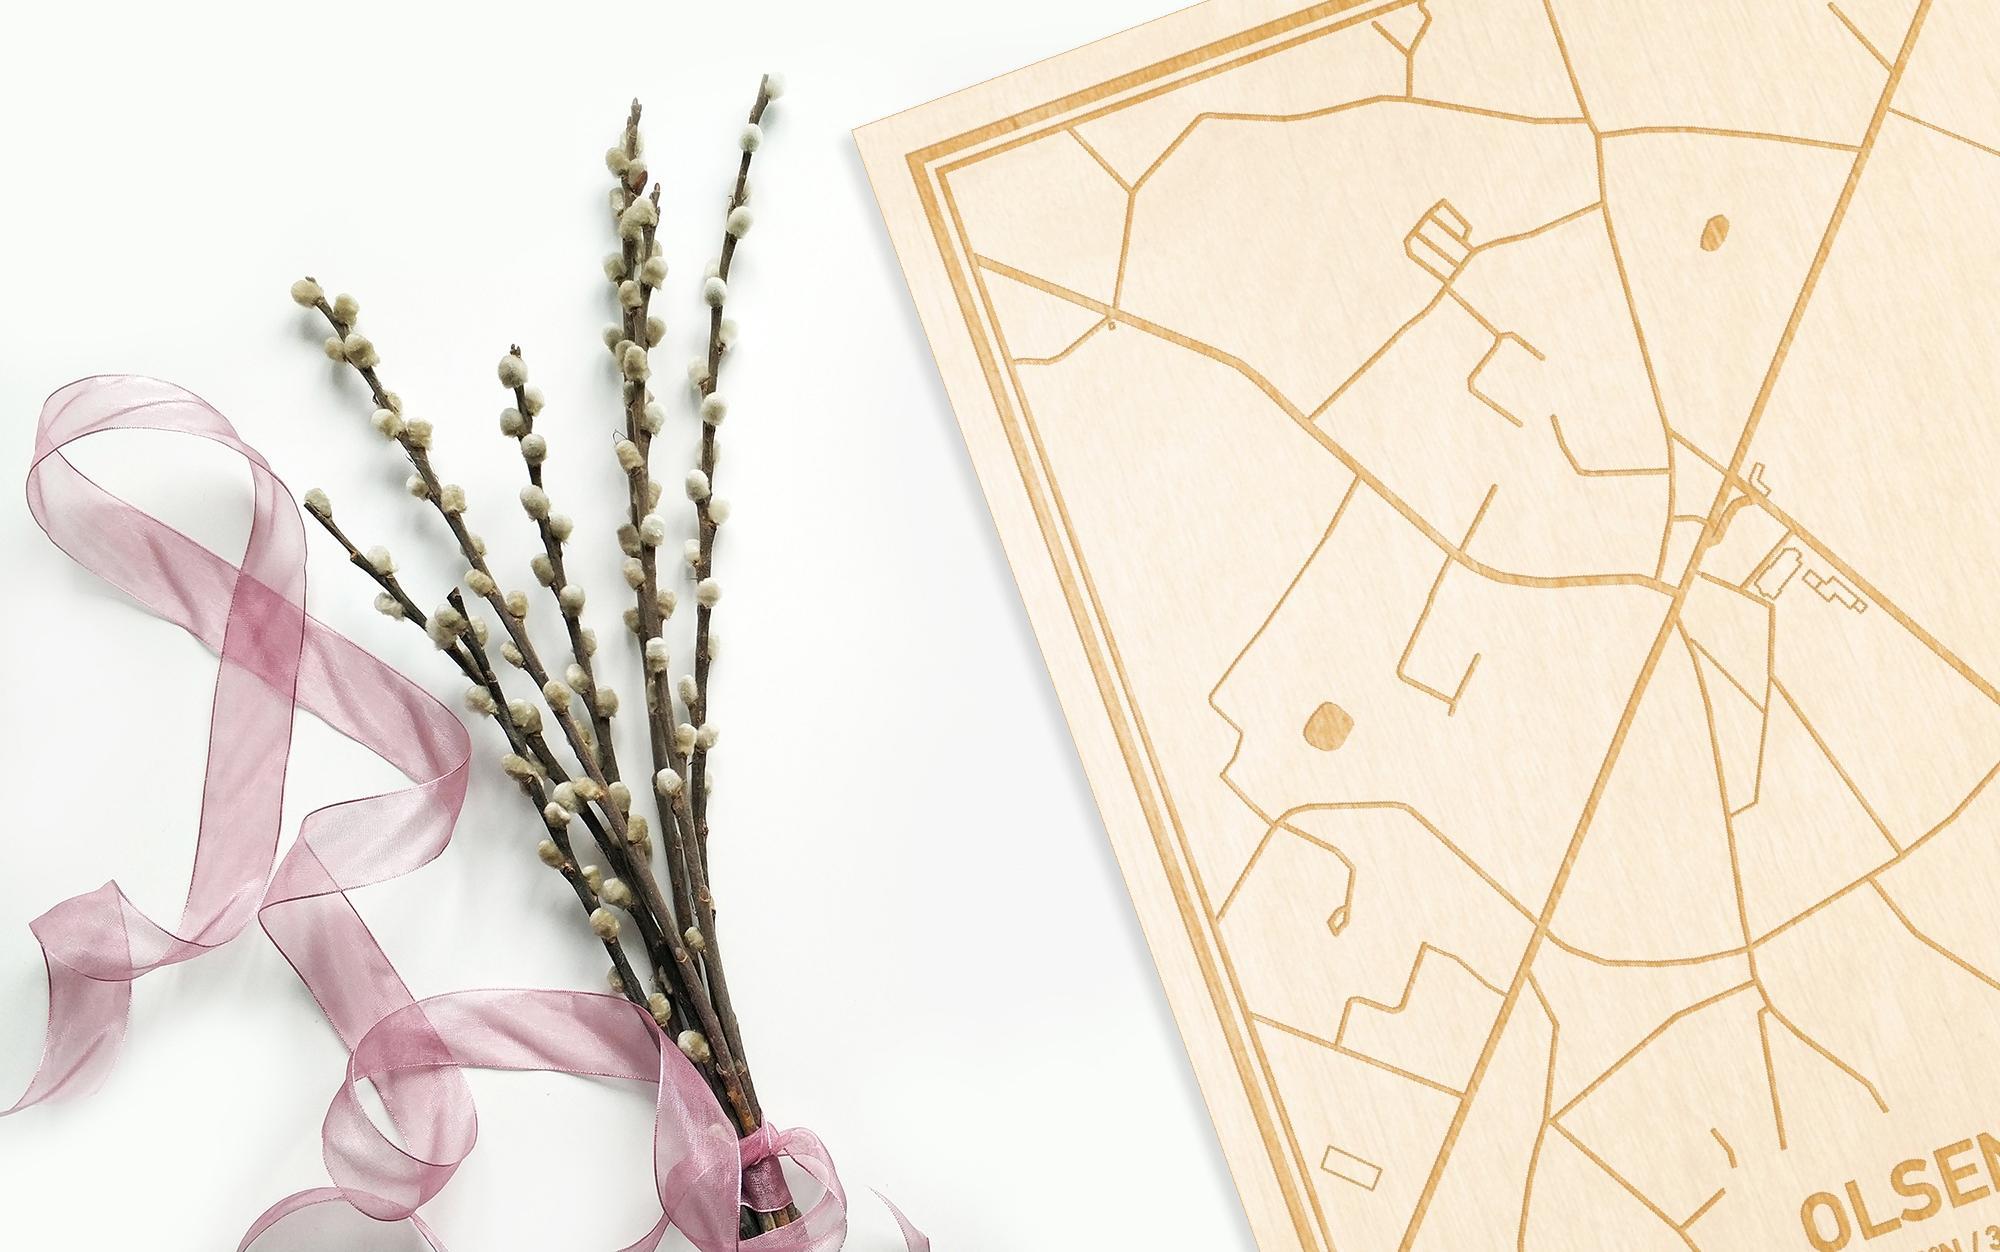 Hier ligt de houten plattegrond Olsene naast een bloemetje als gepersonaliseerd cadeau voor haar.